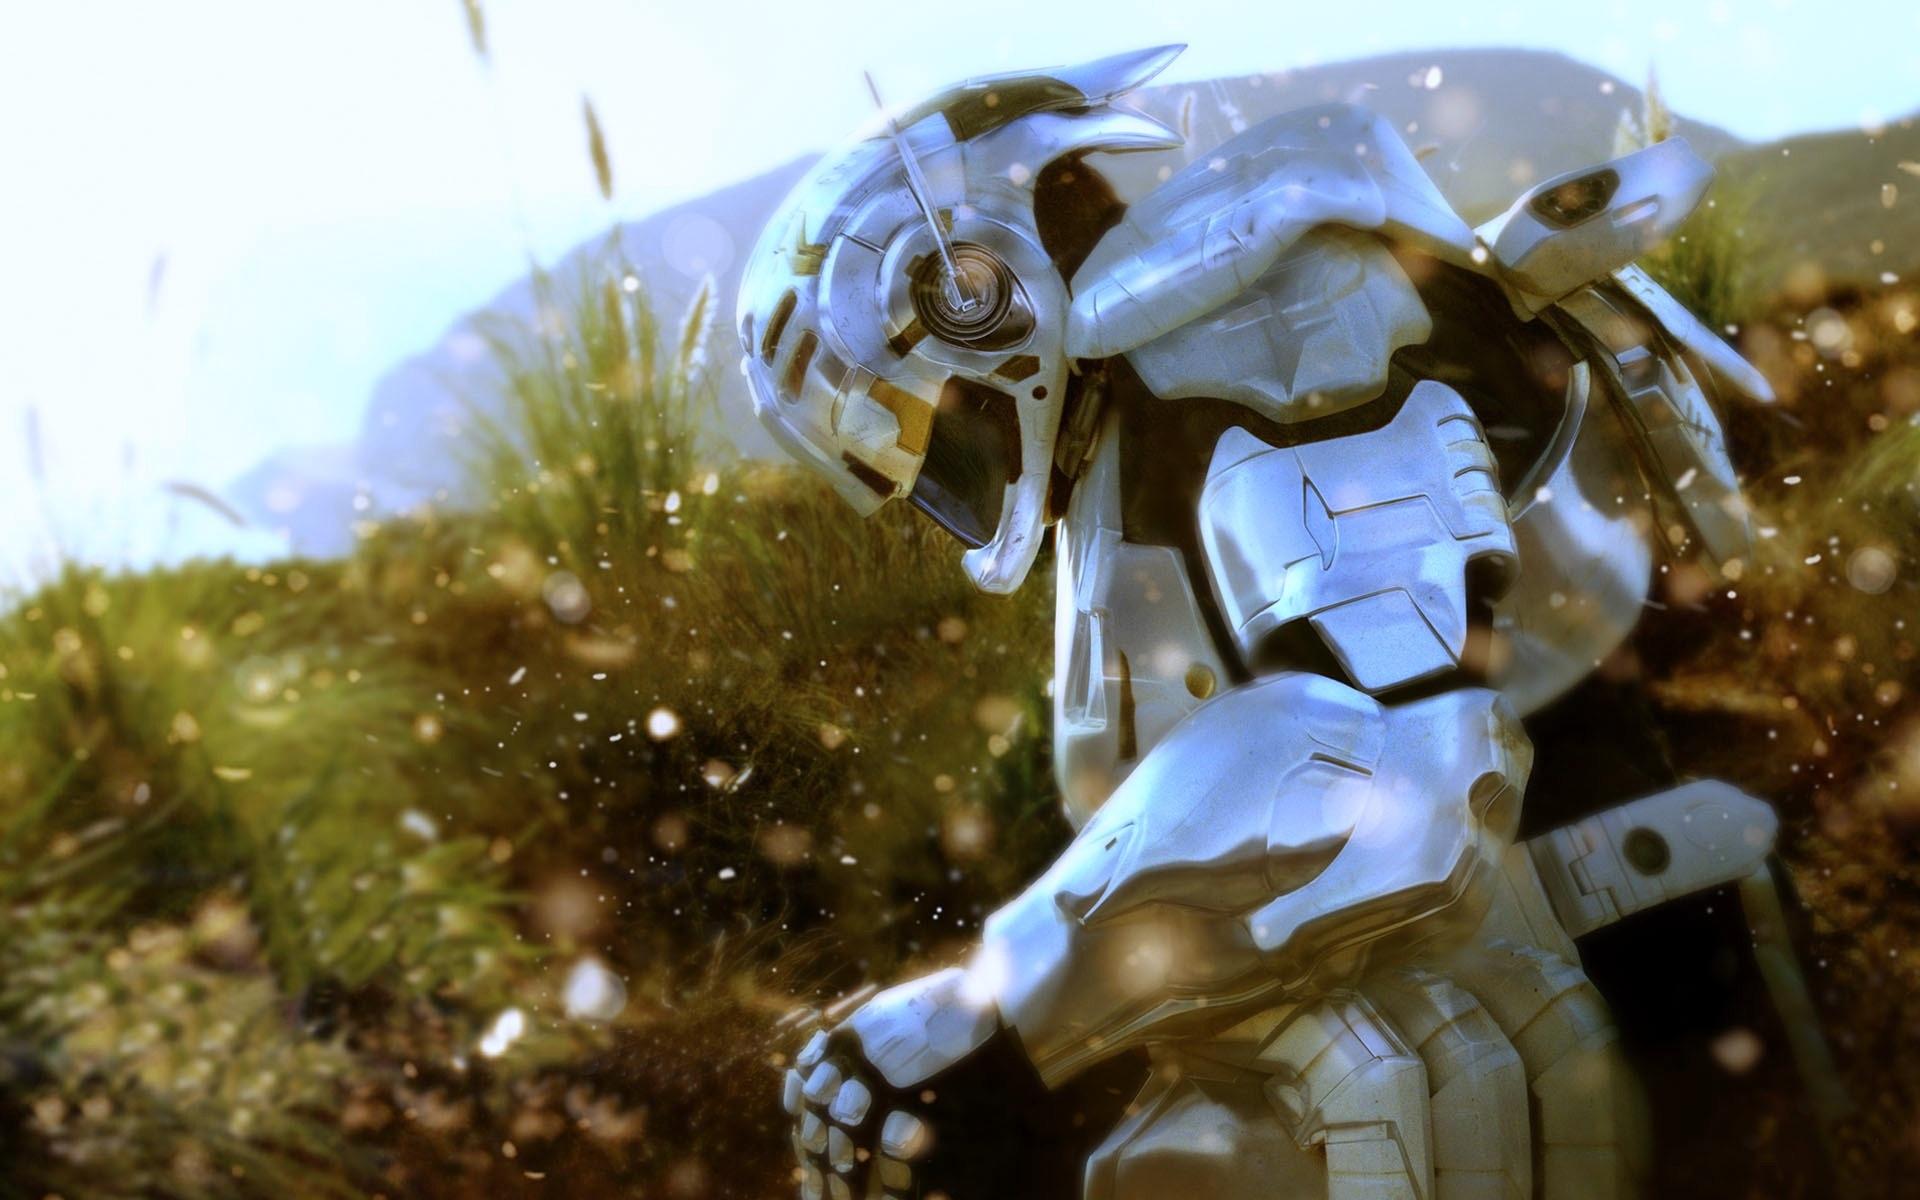 Video games futuristic suit Vanquish wallpaper   1920x1200 ...